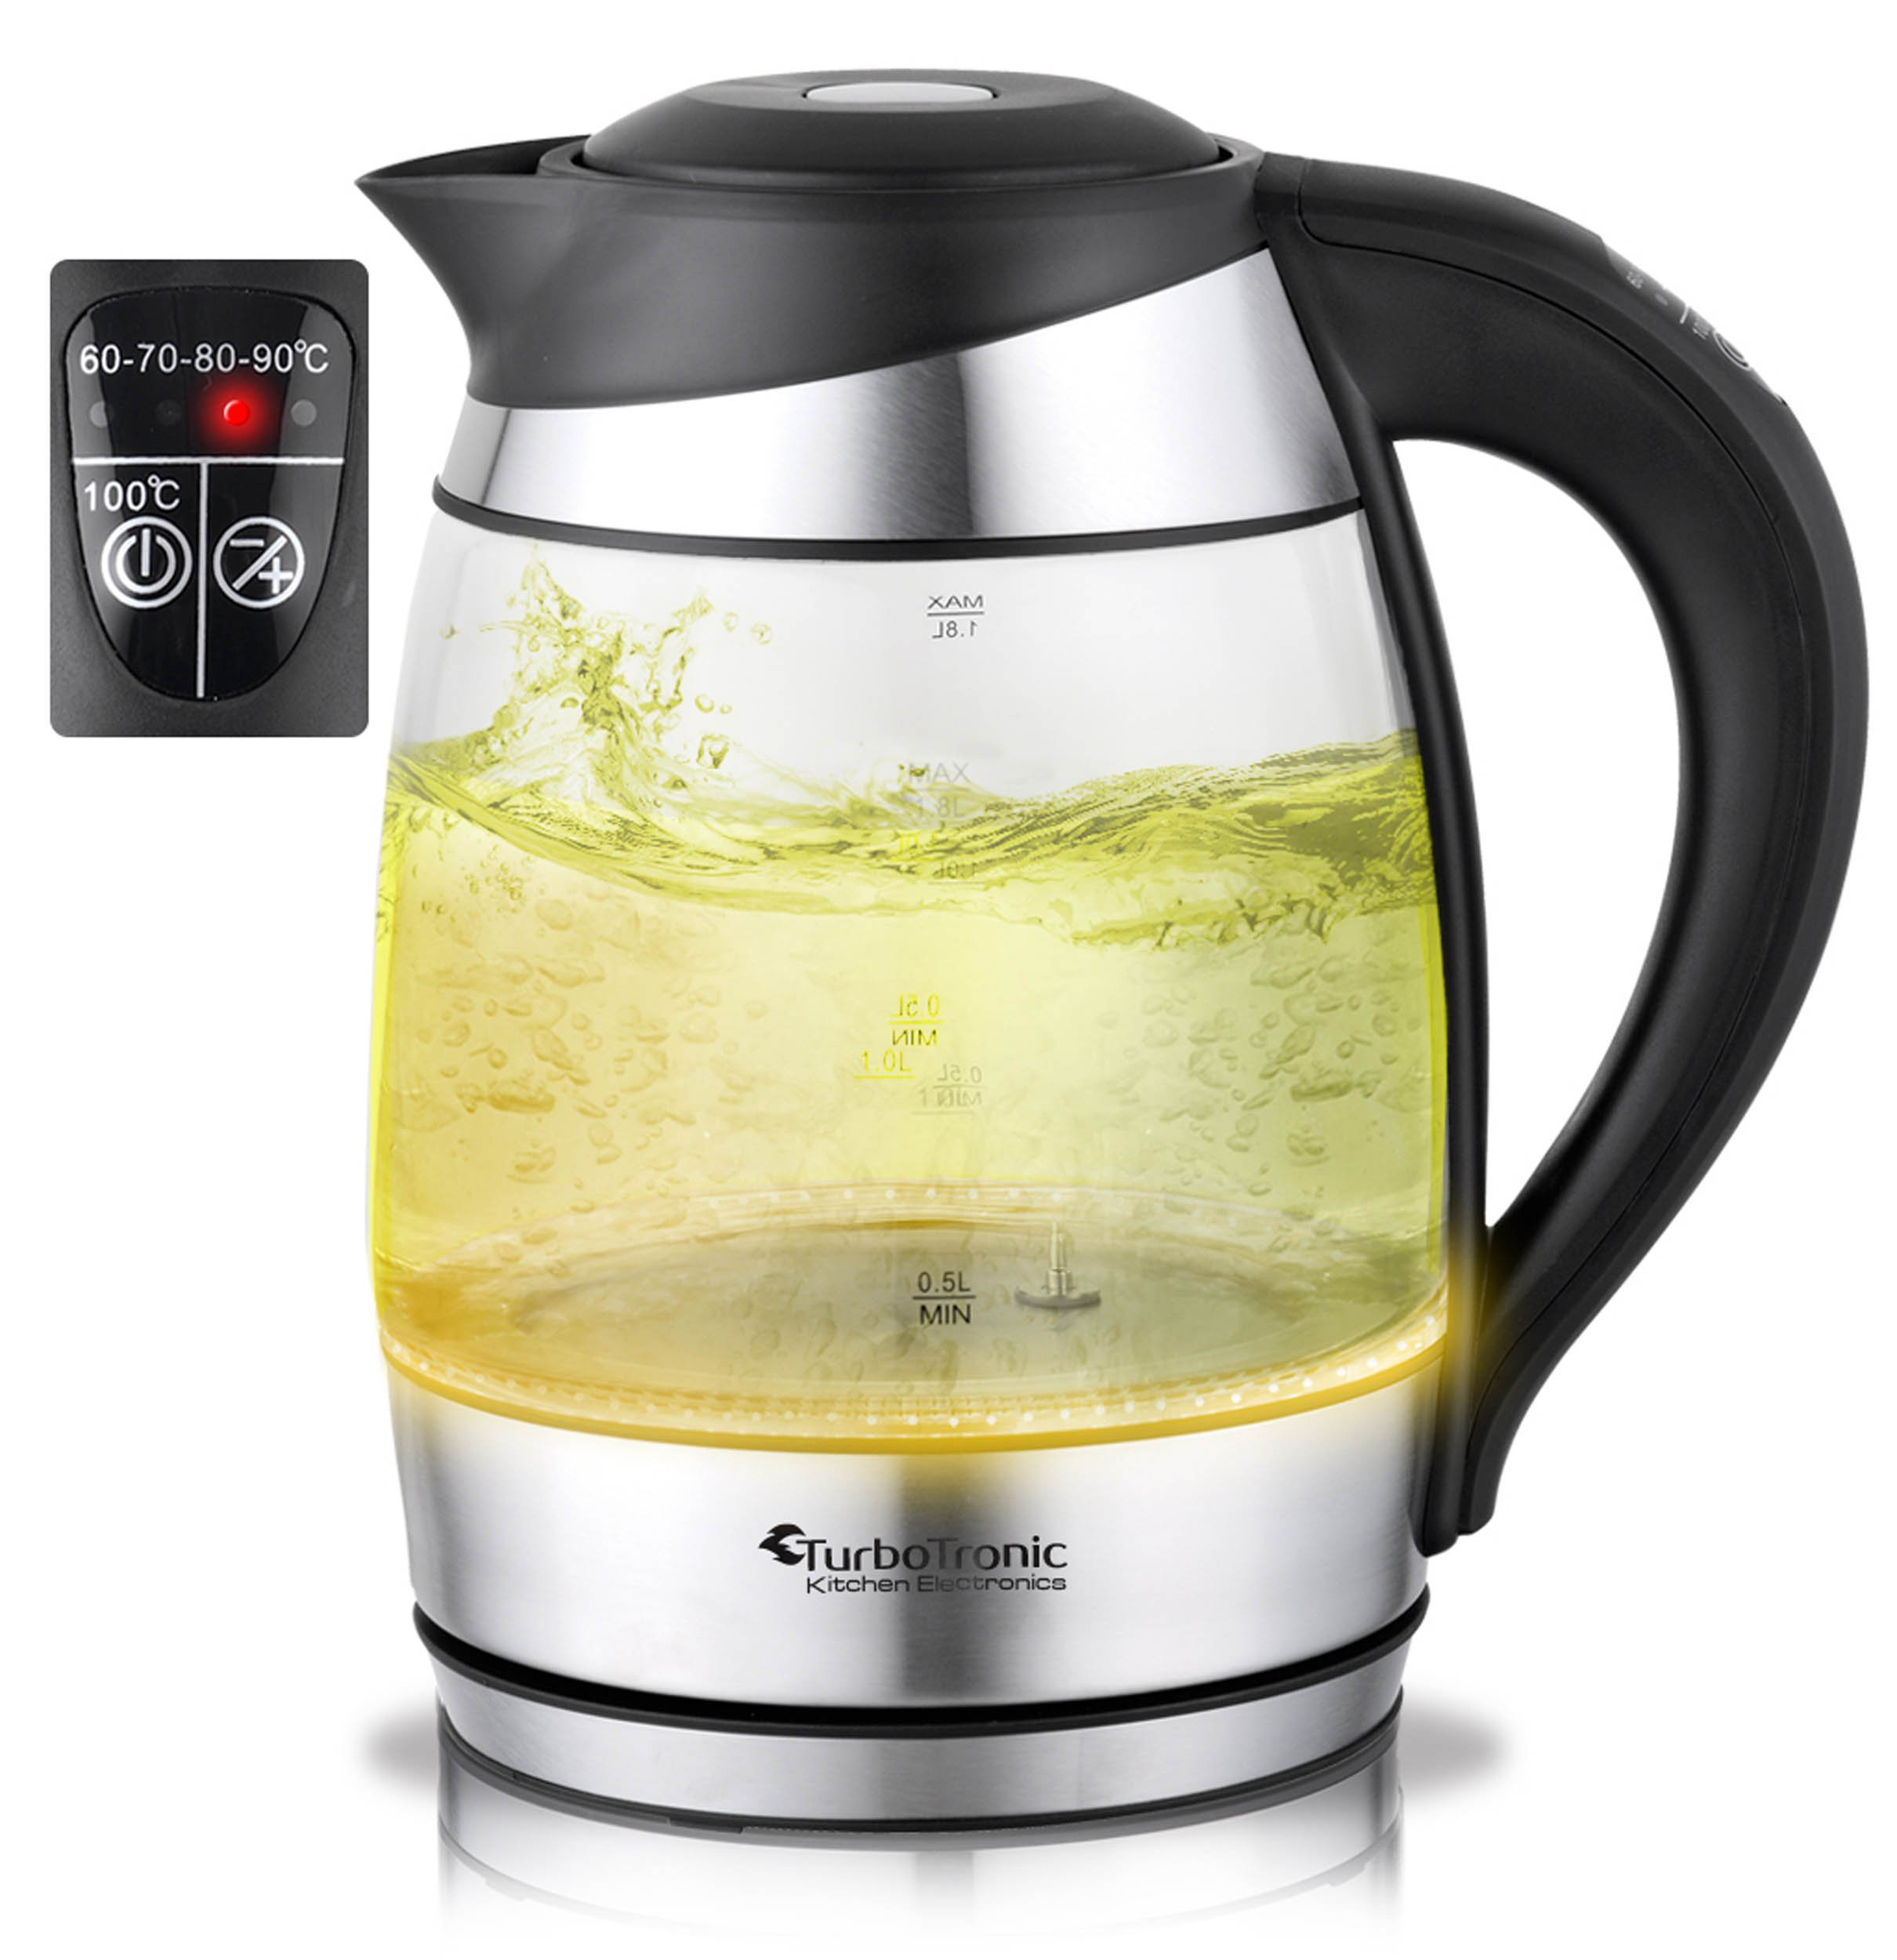 2200W-Glas-Wasserkocher-mit-Temperaturwahl-60C-70C-80C-90C-100C-einstellbar-18-Liter-Warmhaltefunktion-BPA-FREE